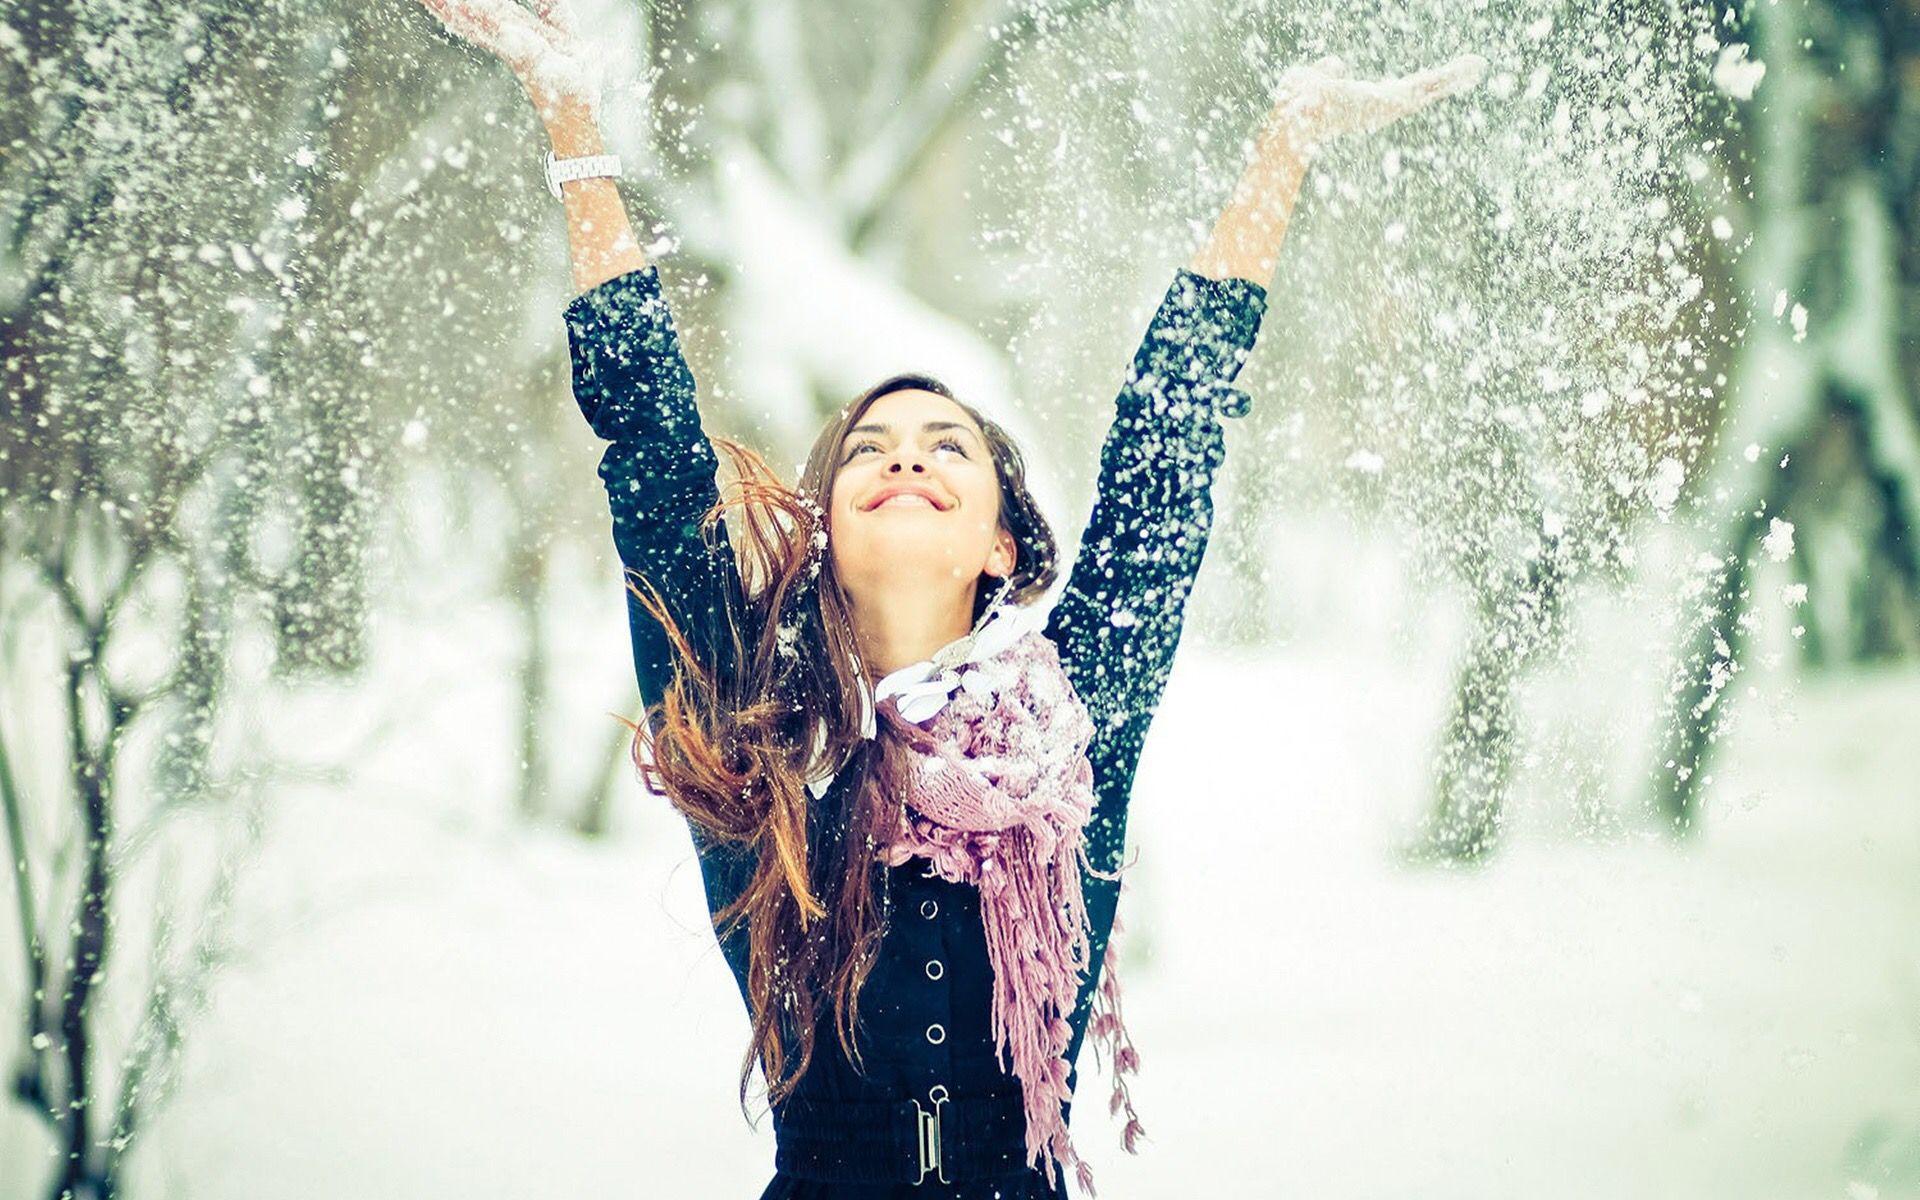 Погода в Челябинске: к выходным в регионе ожидается снег с дождем